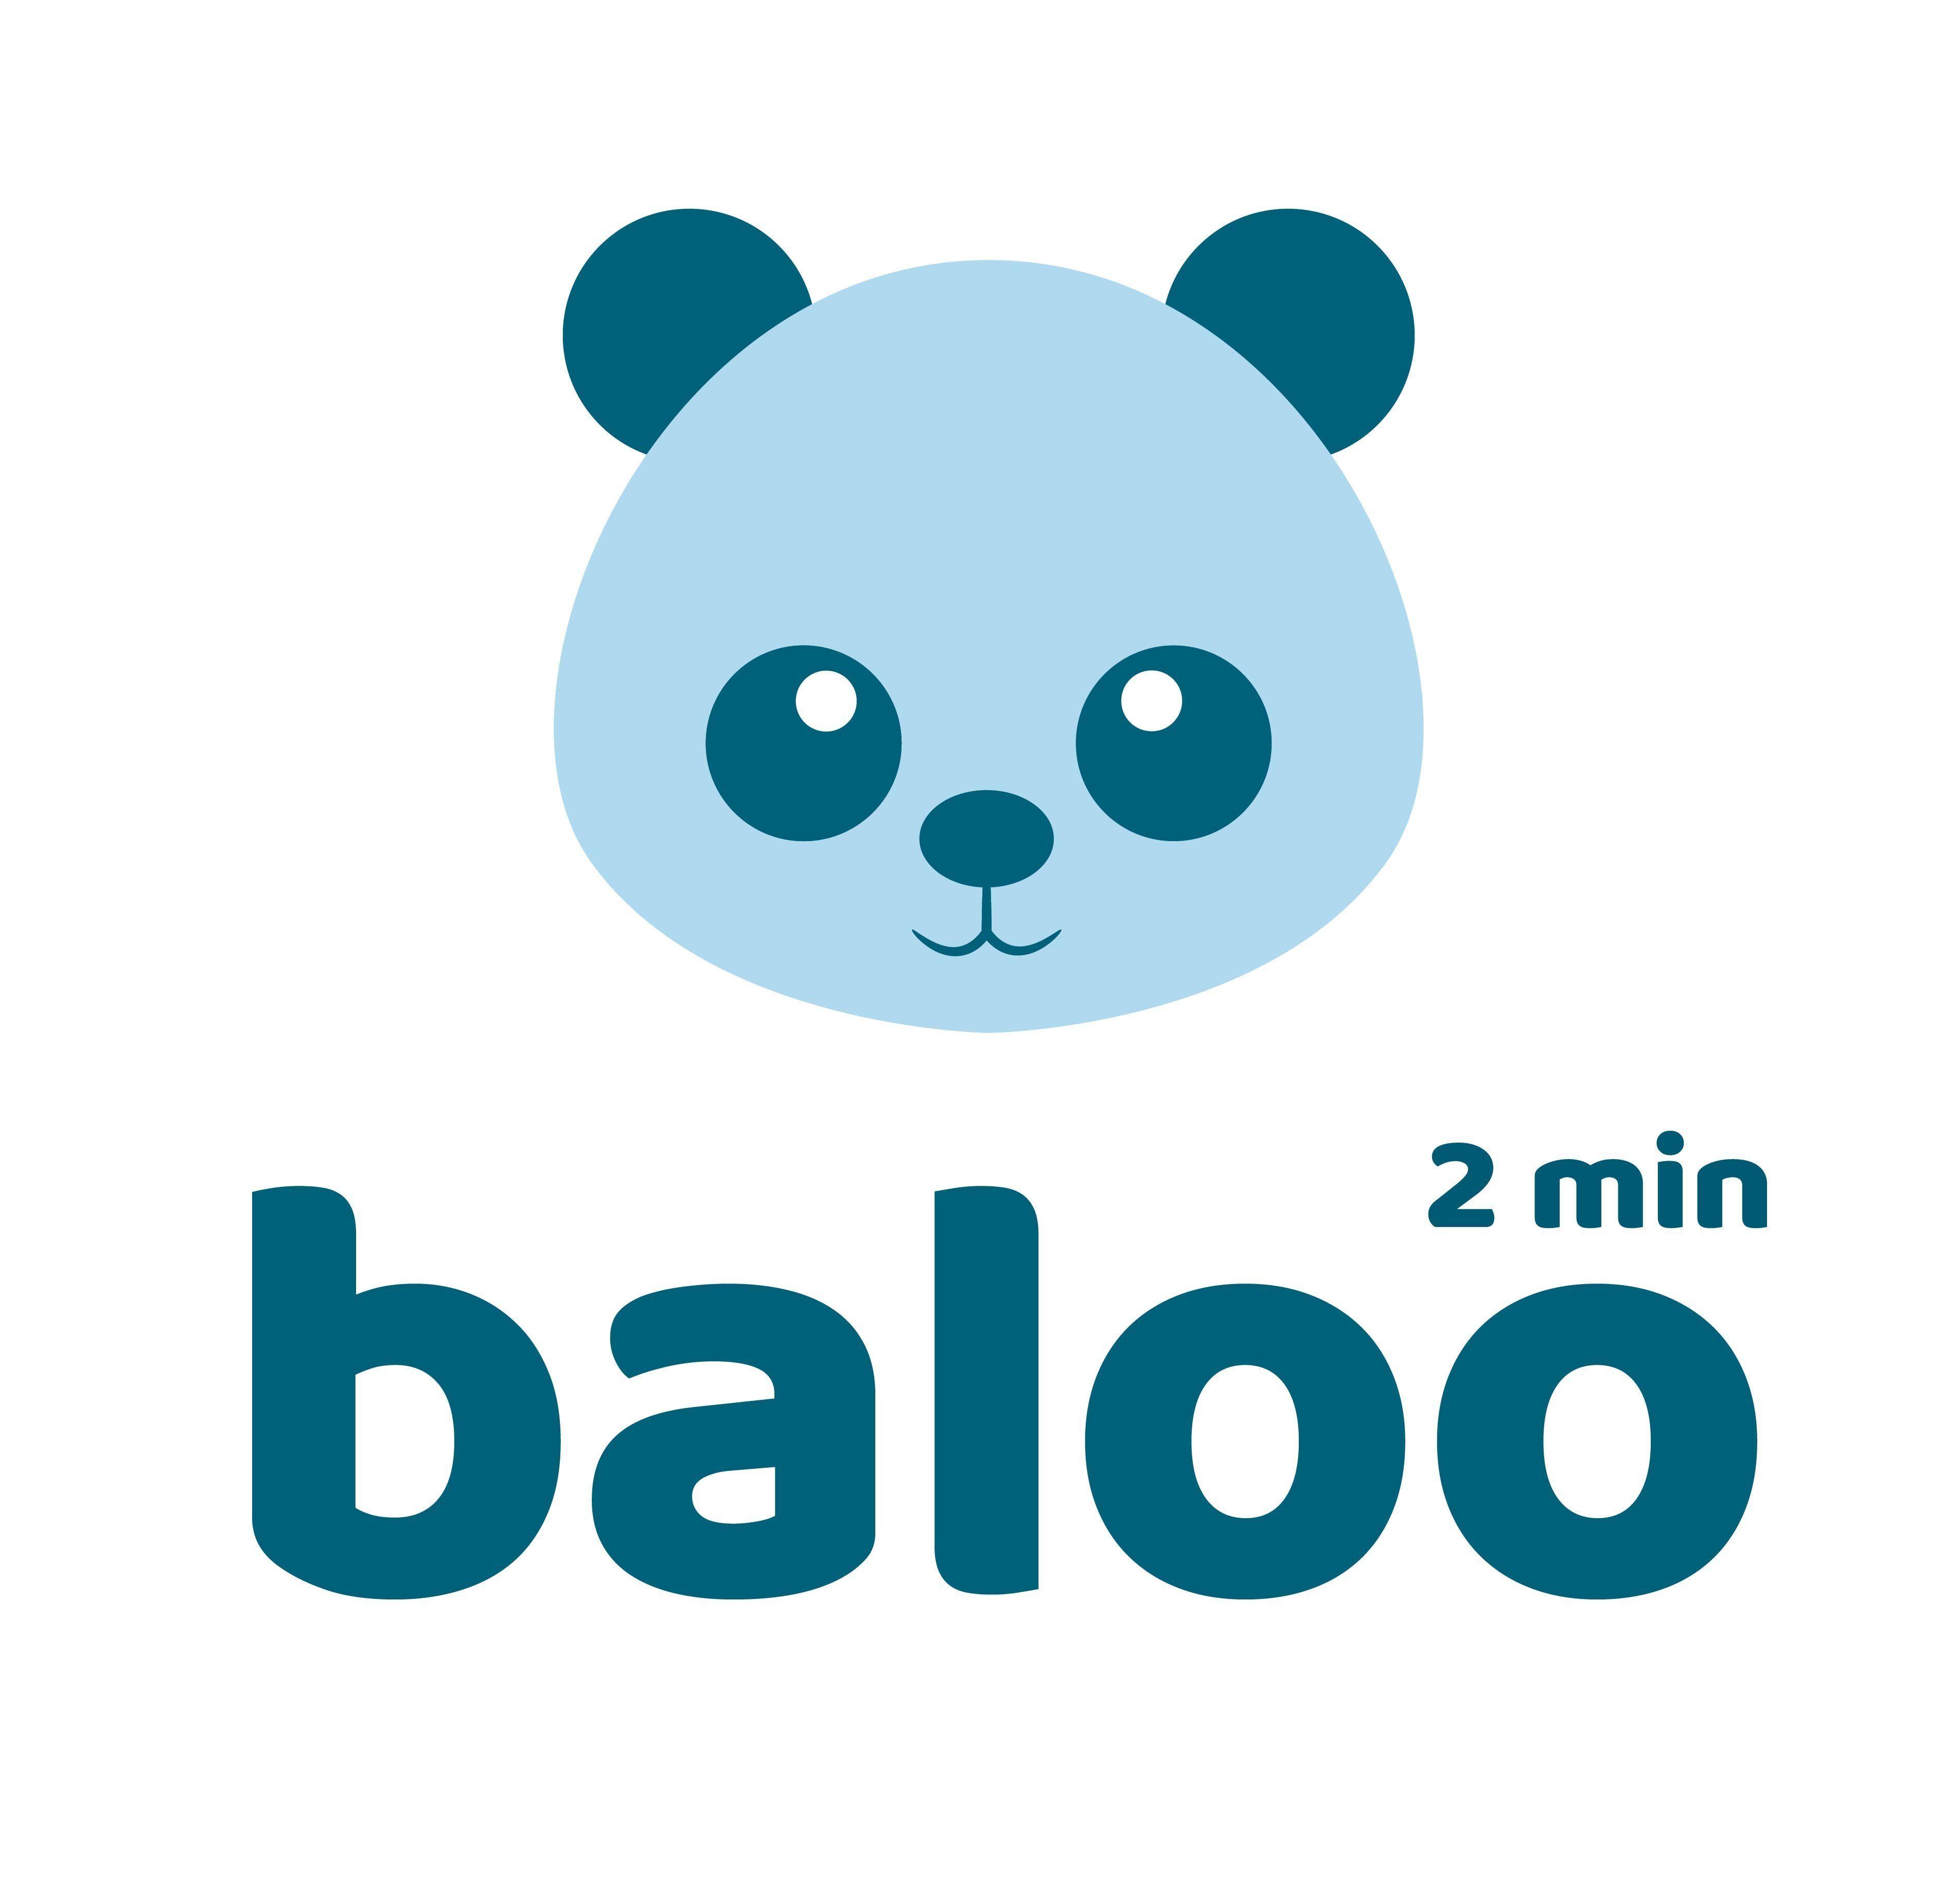 Oso Azul Logo Baloo Canal De Youtube Balootv Canal Familia Baloo Youtu Youtube Logos Canal